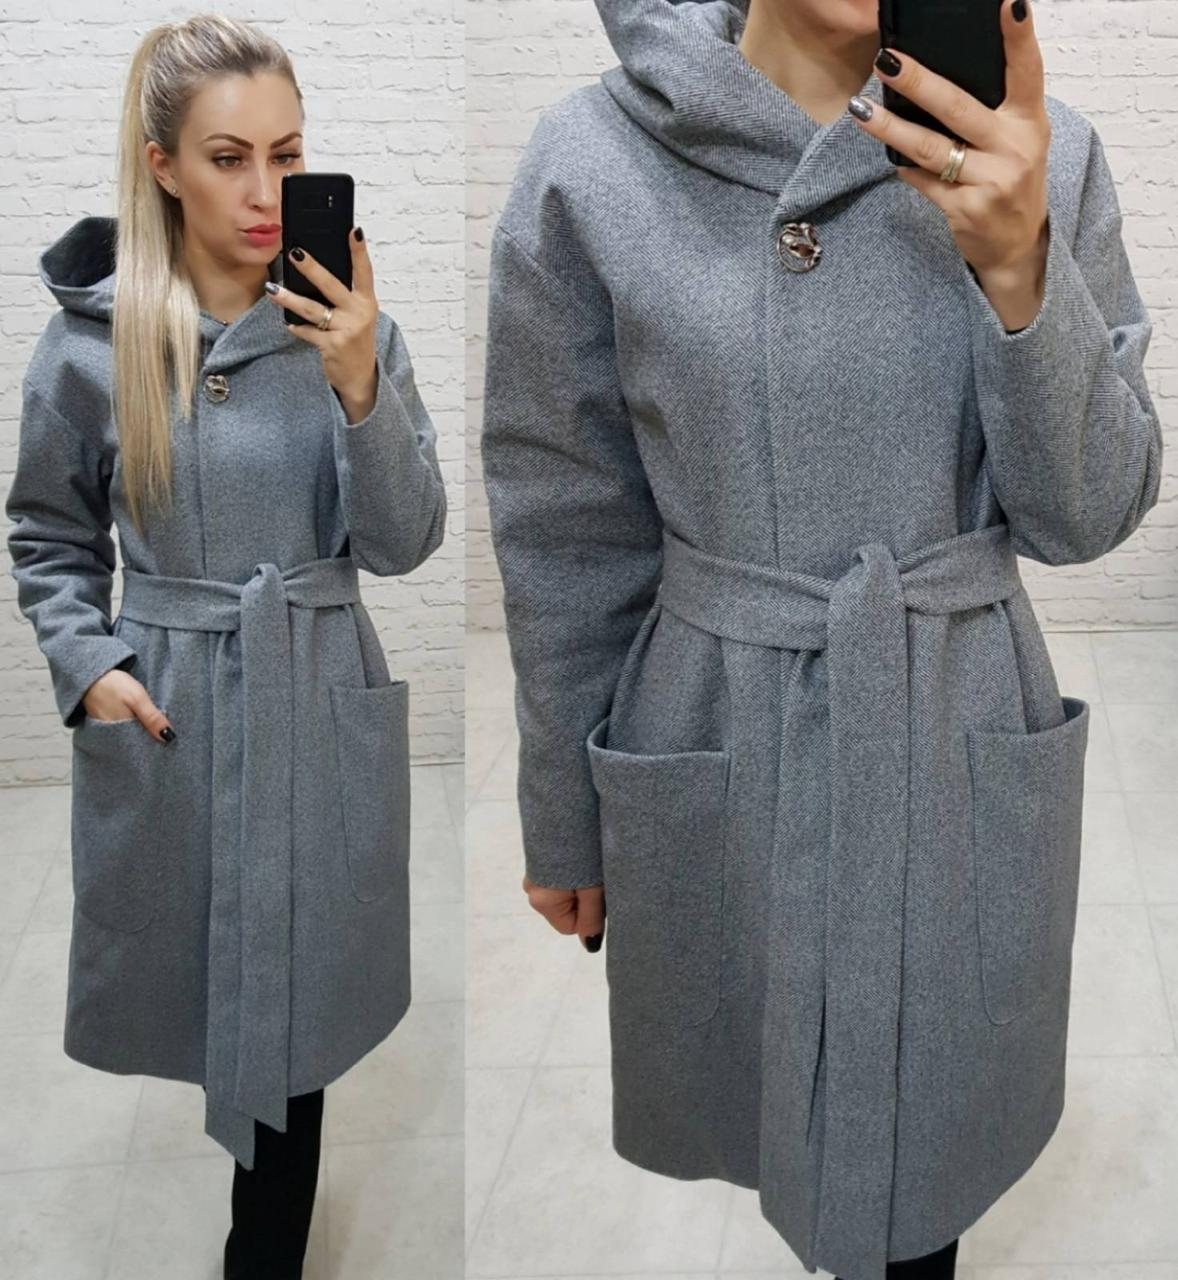 Теплое пальто с капюшоном, кашемировое, ЕВРО-ЗИМА, елочка, арт 176